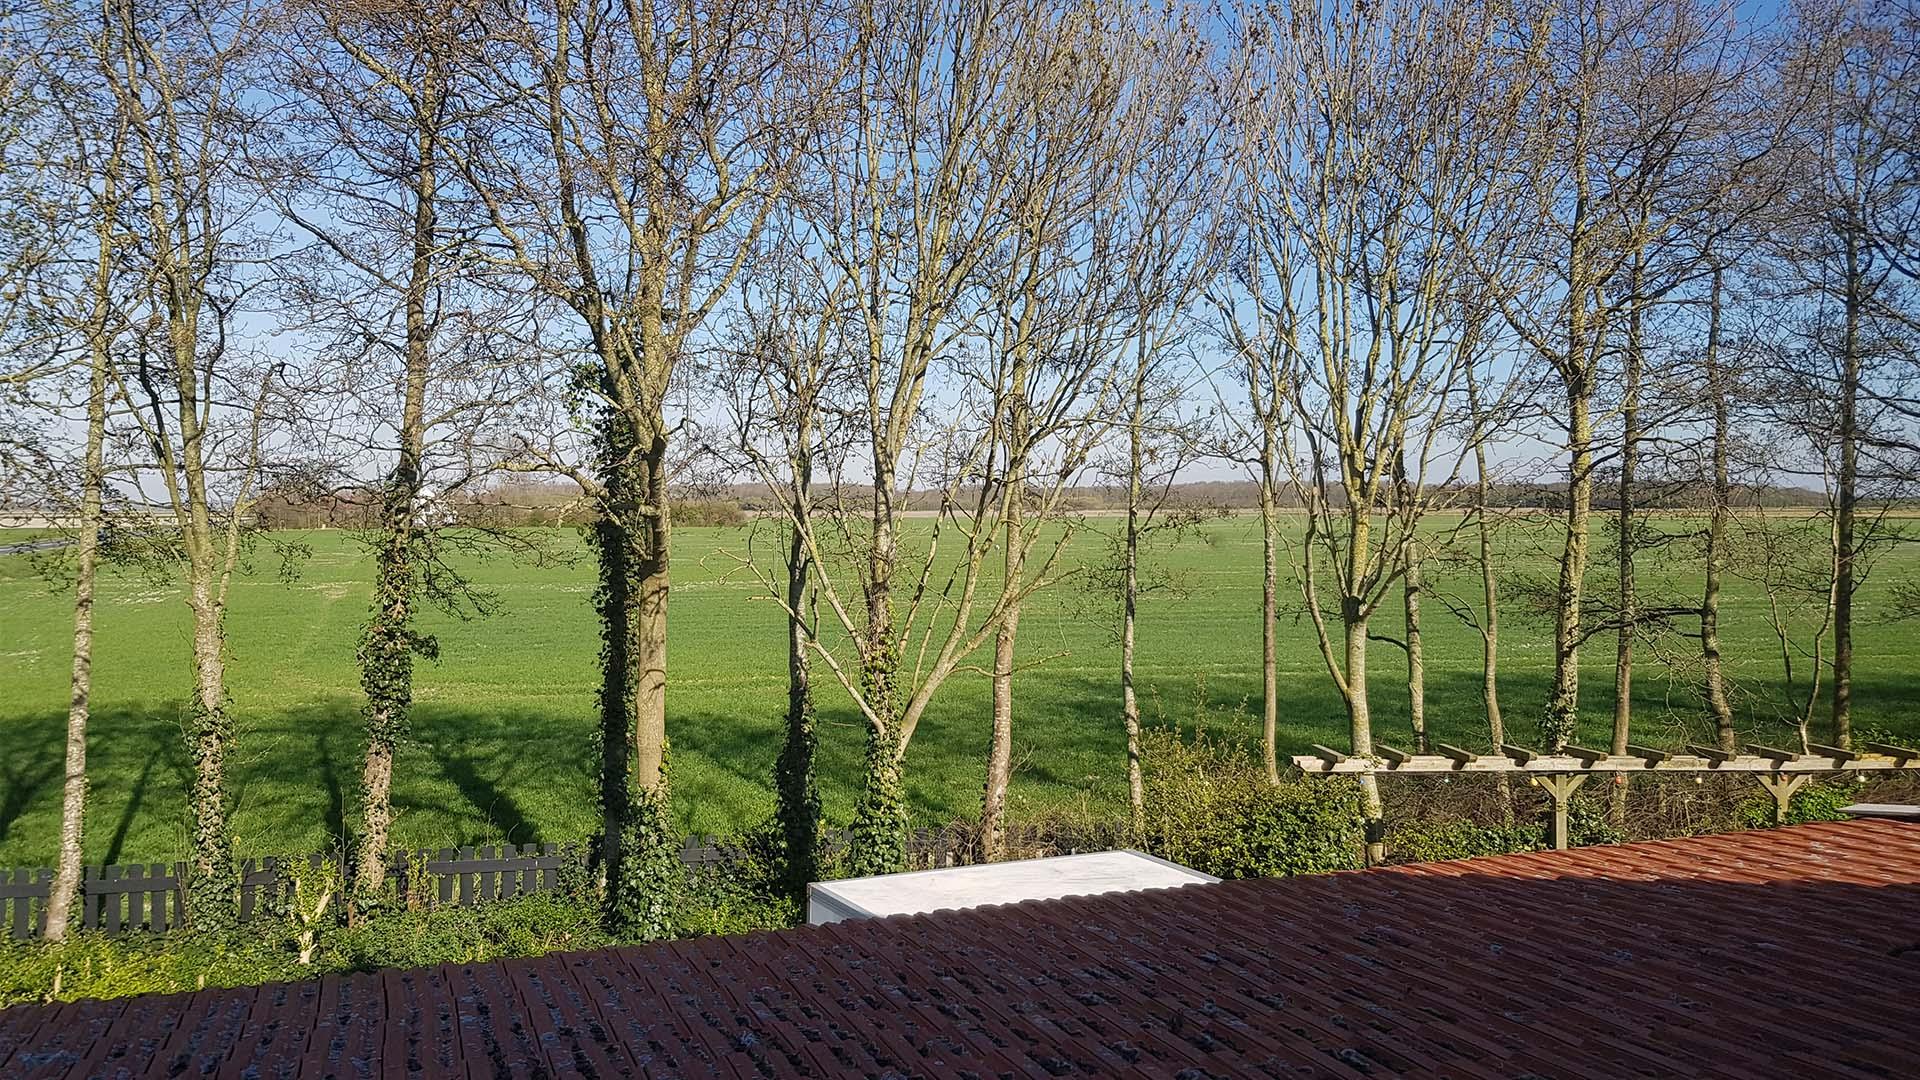 kamer 1 uitzicht B&B Plompetorenzicht Burg-Haamstede Zeeland